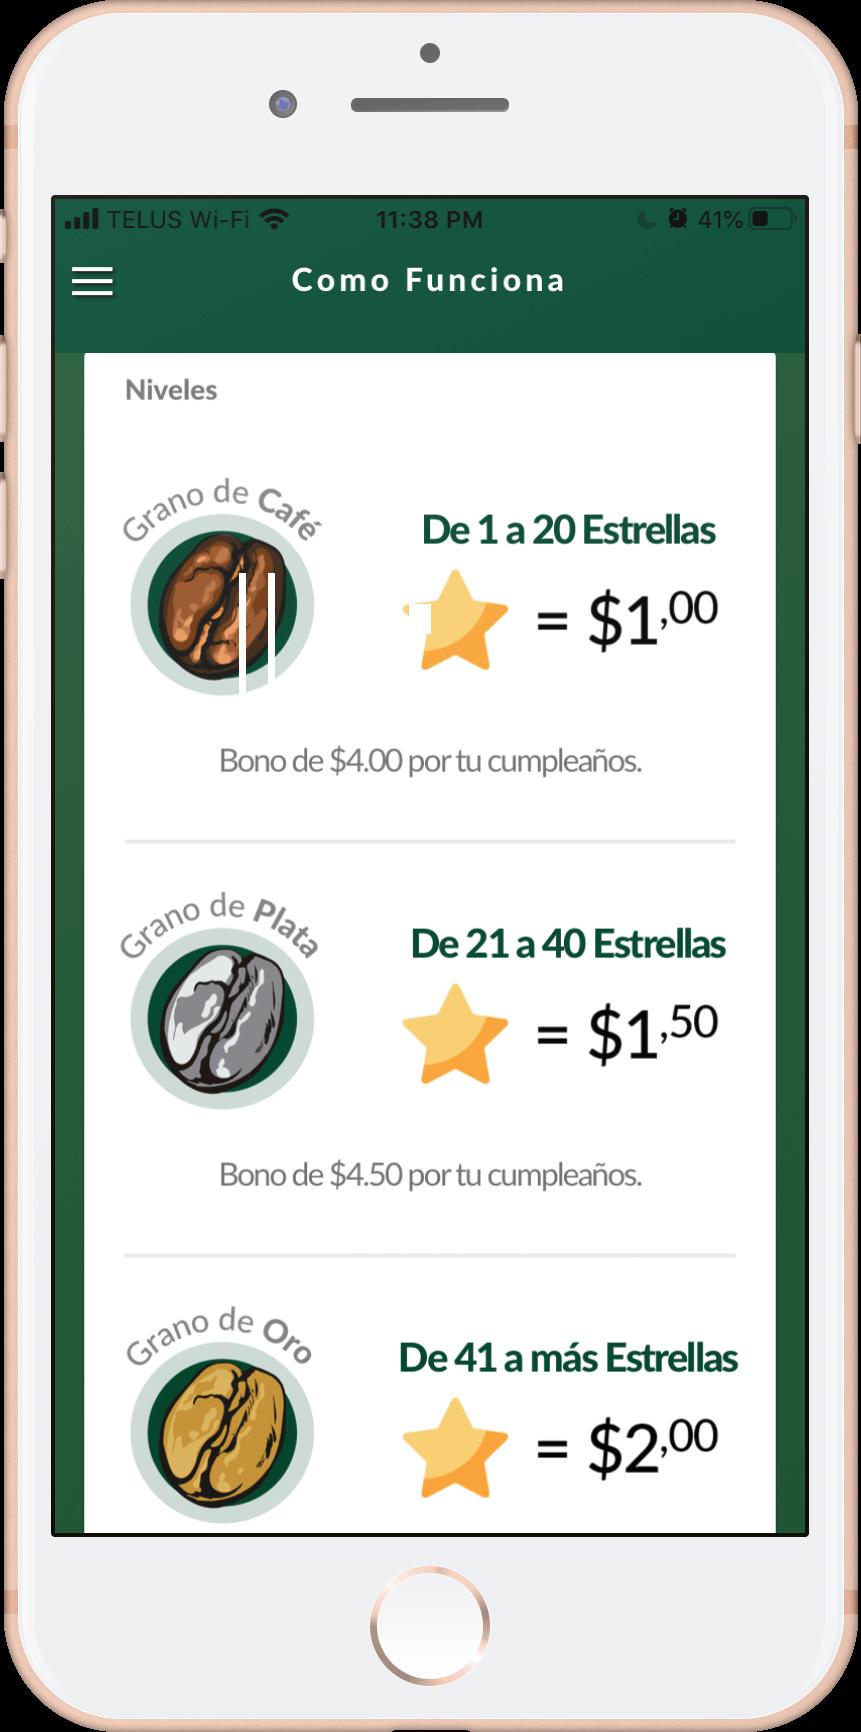 app-3-sp